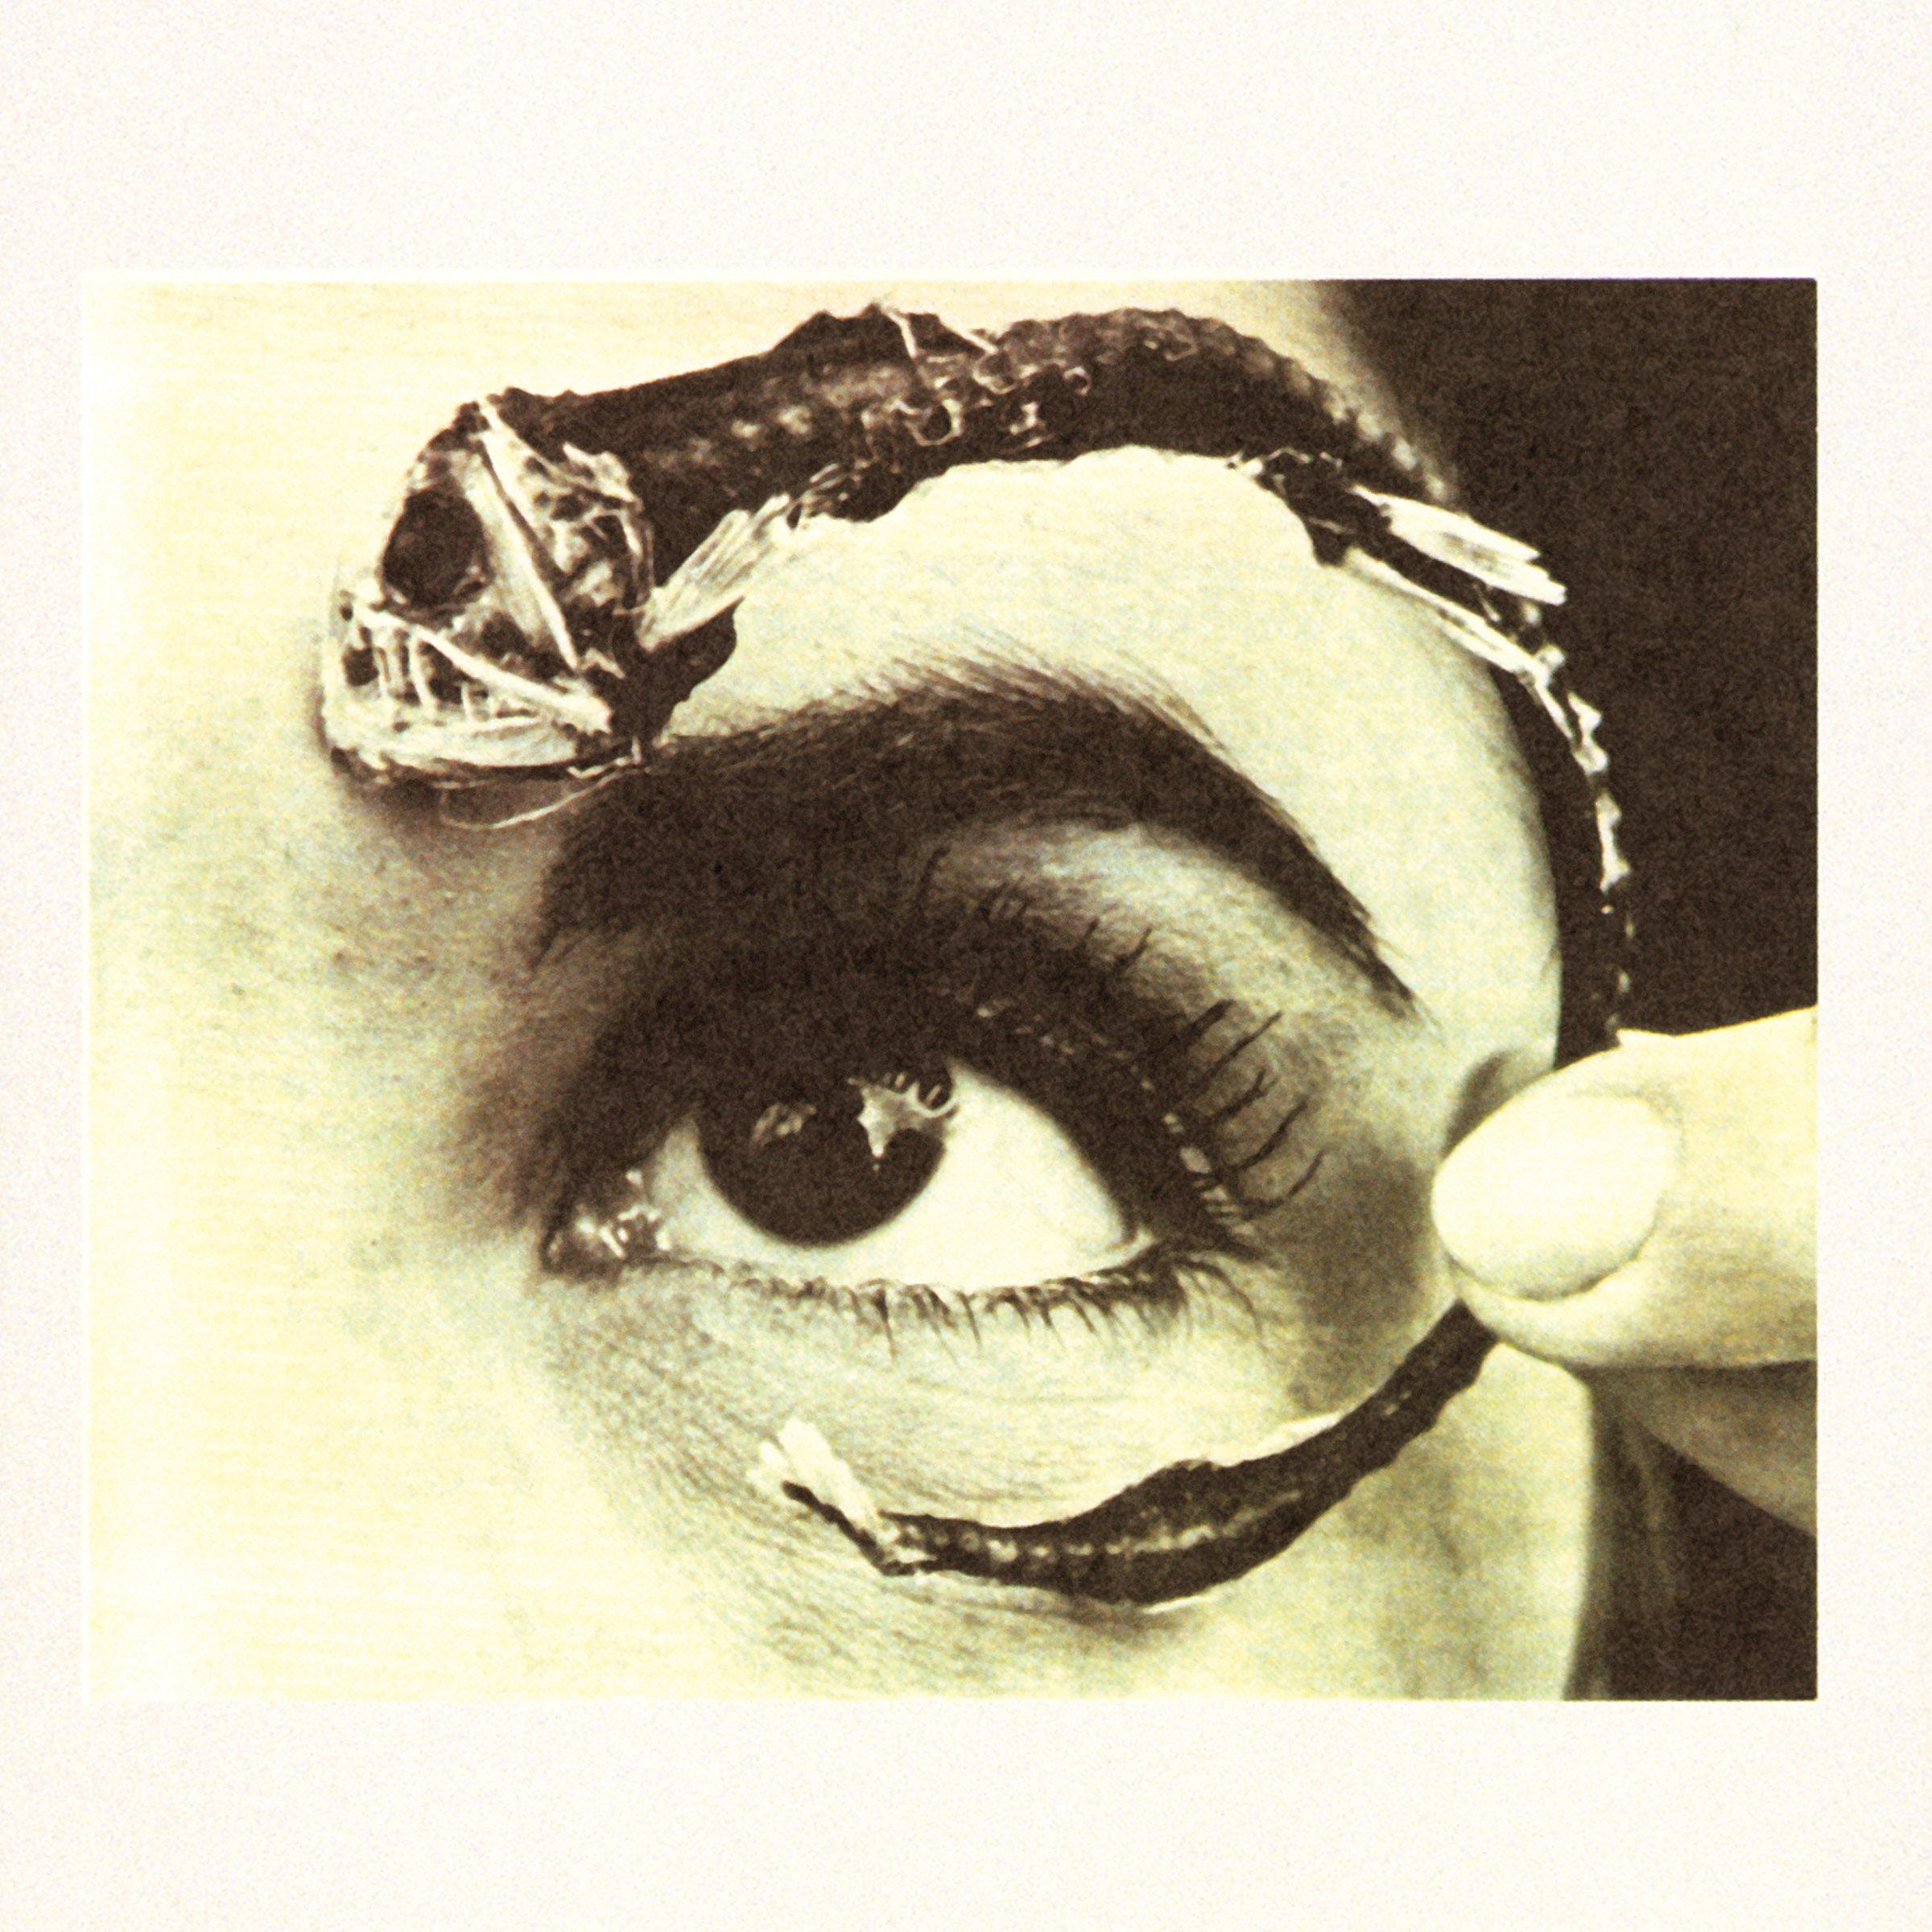 CD : Mr. Bungle - Disco Volante (CD)